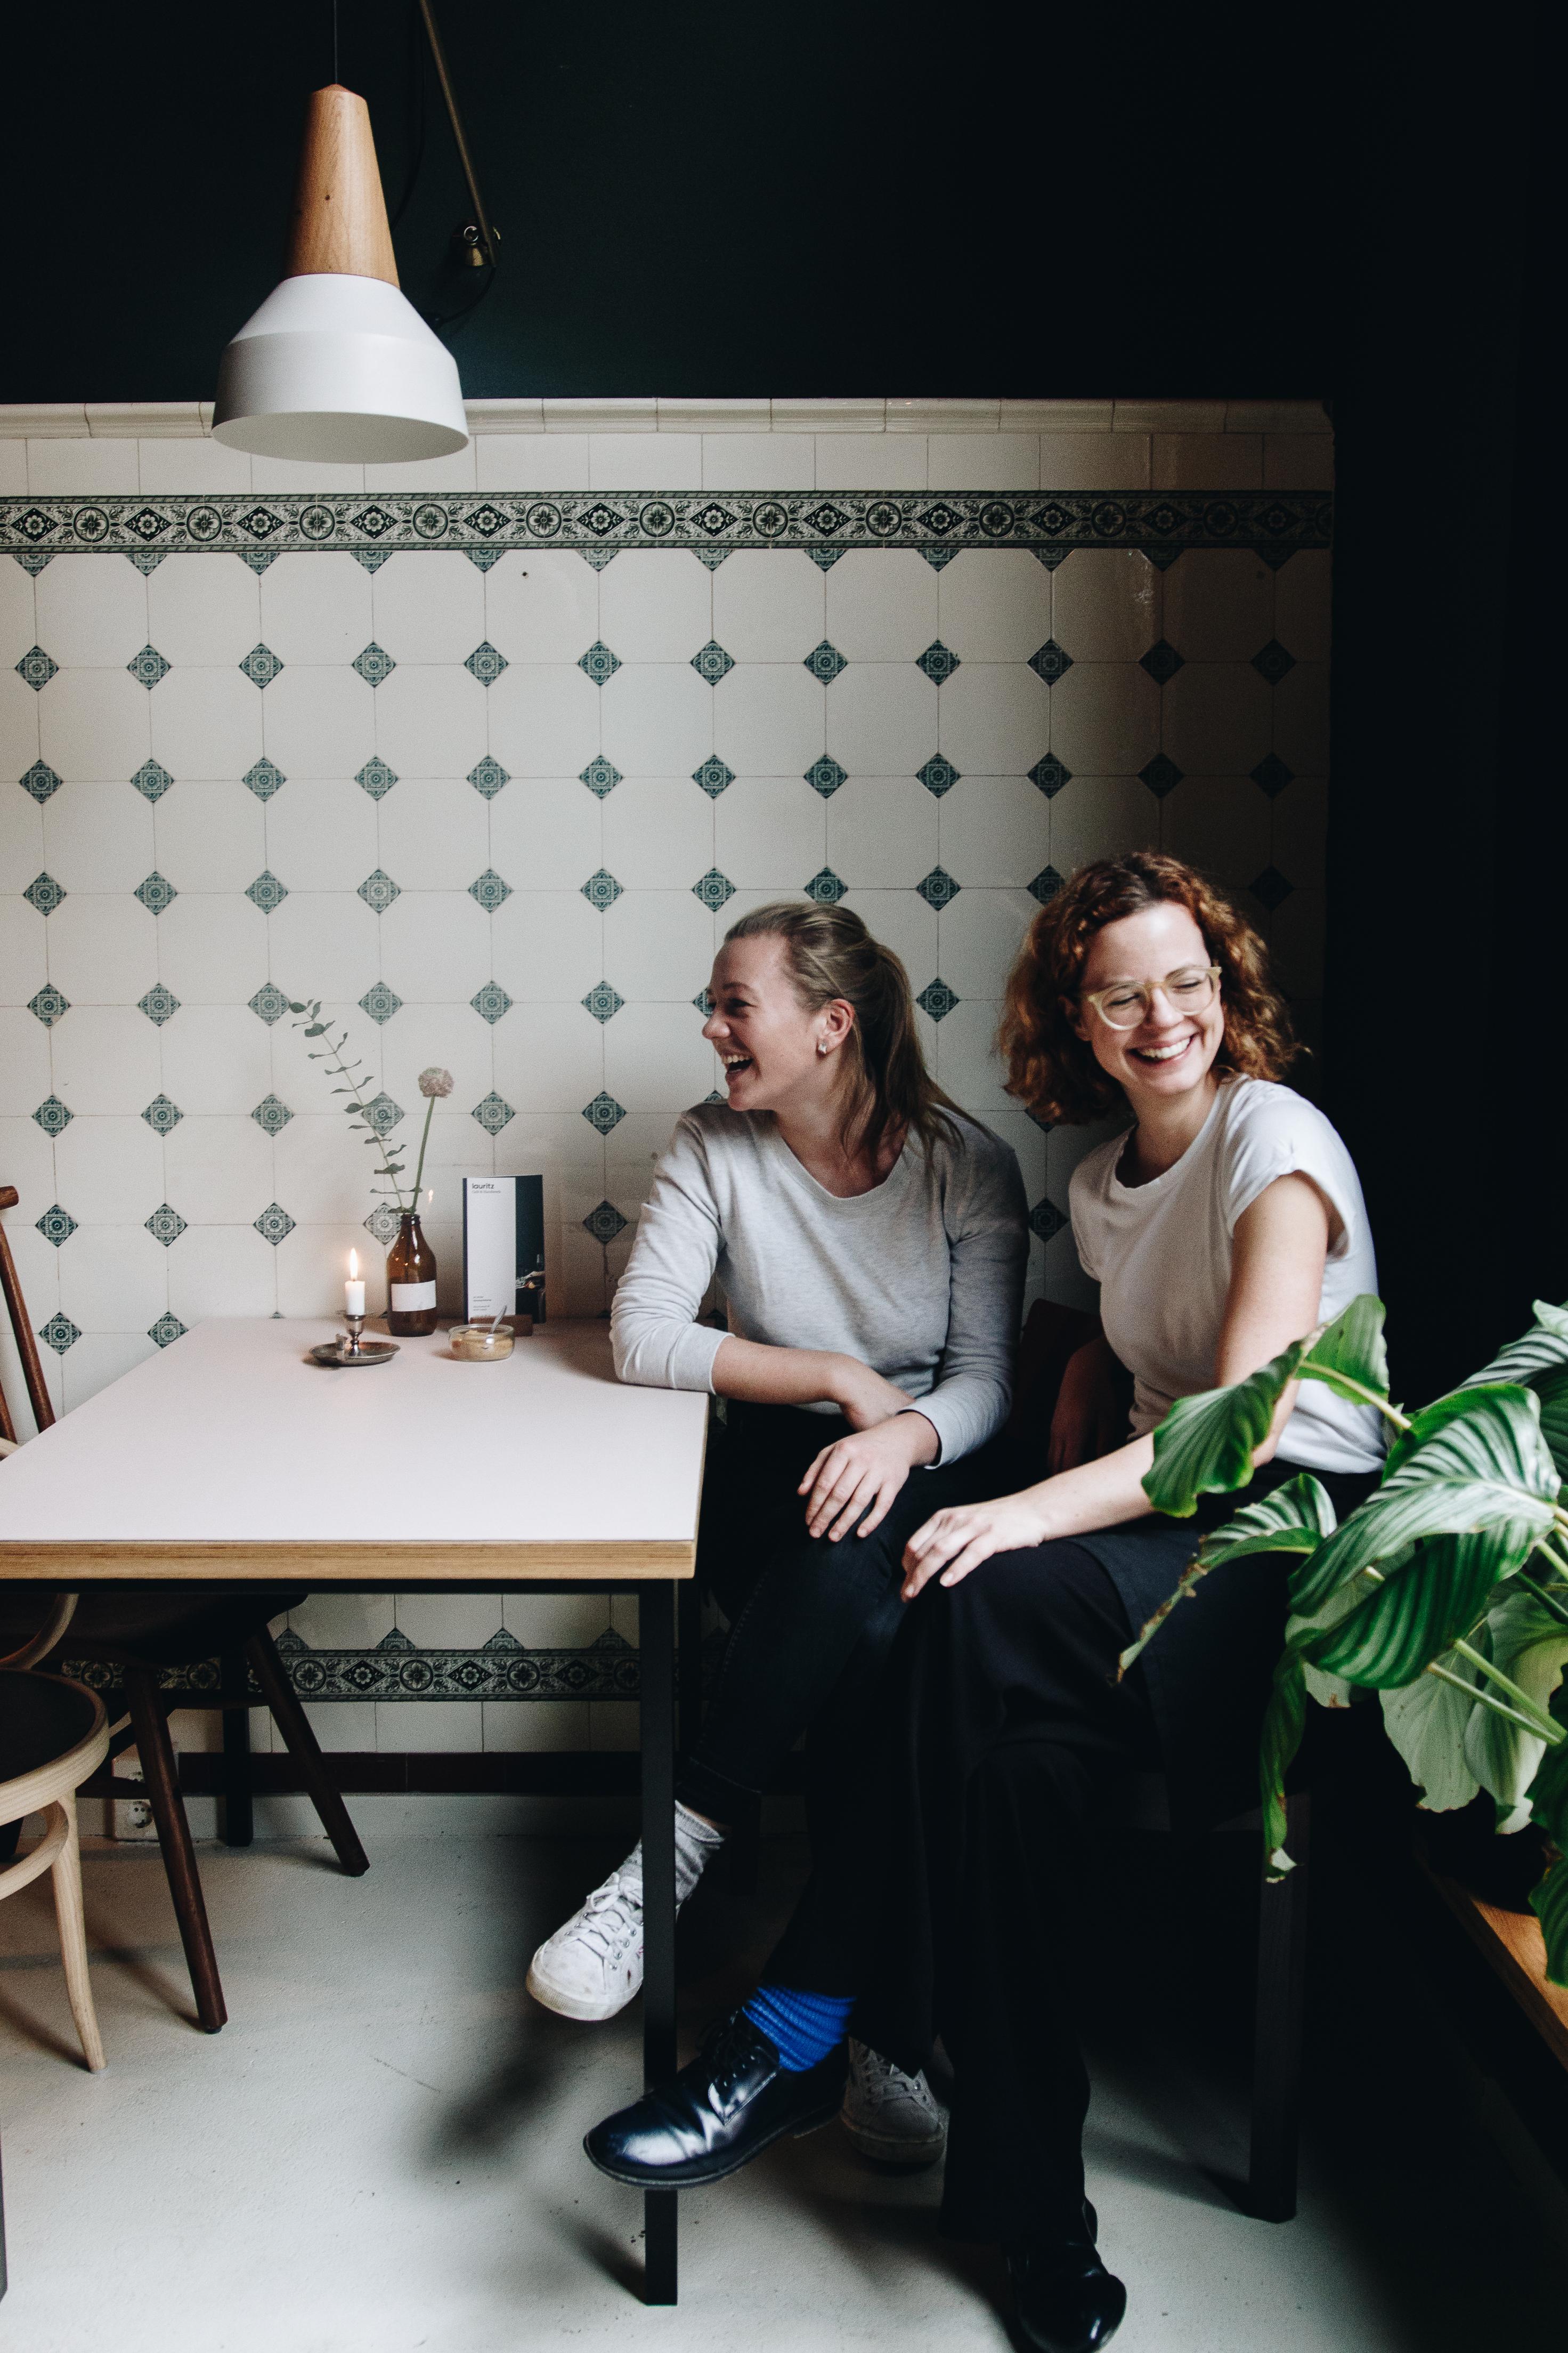 lauritz-café-handwerk-leipzig-annabelle sagt30